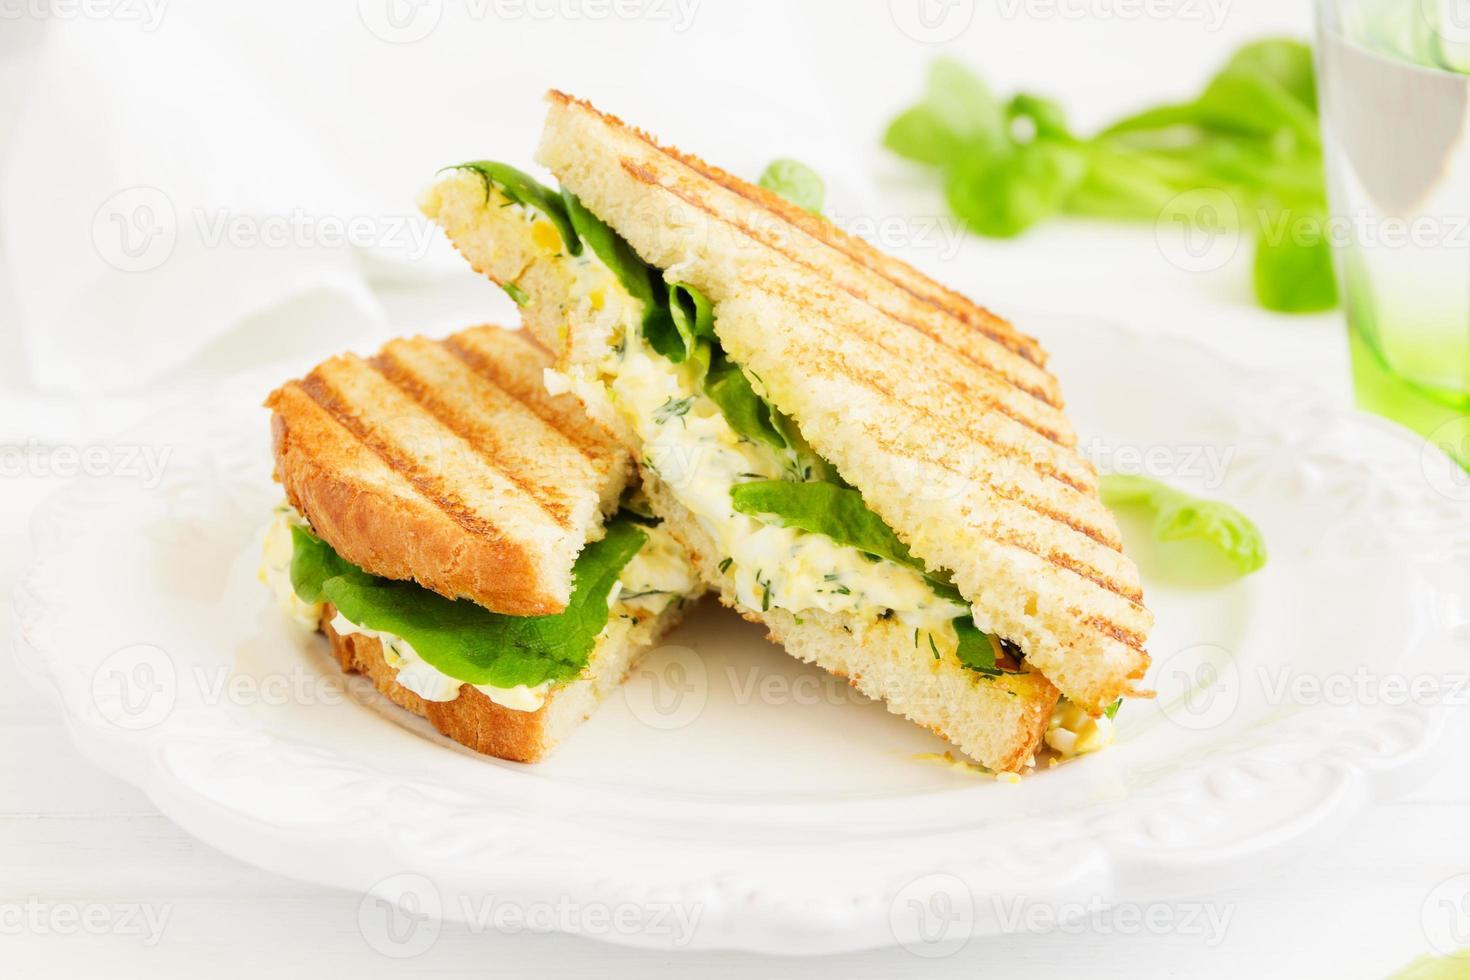 Eiersalat Sandwich. amerikanische Küche. foto